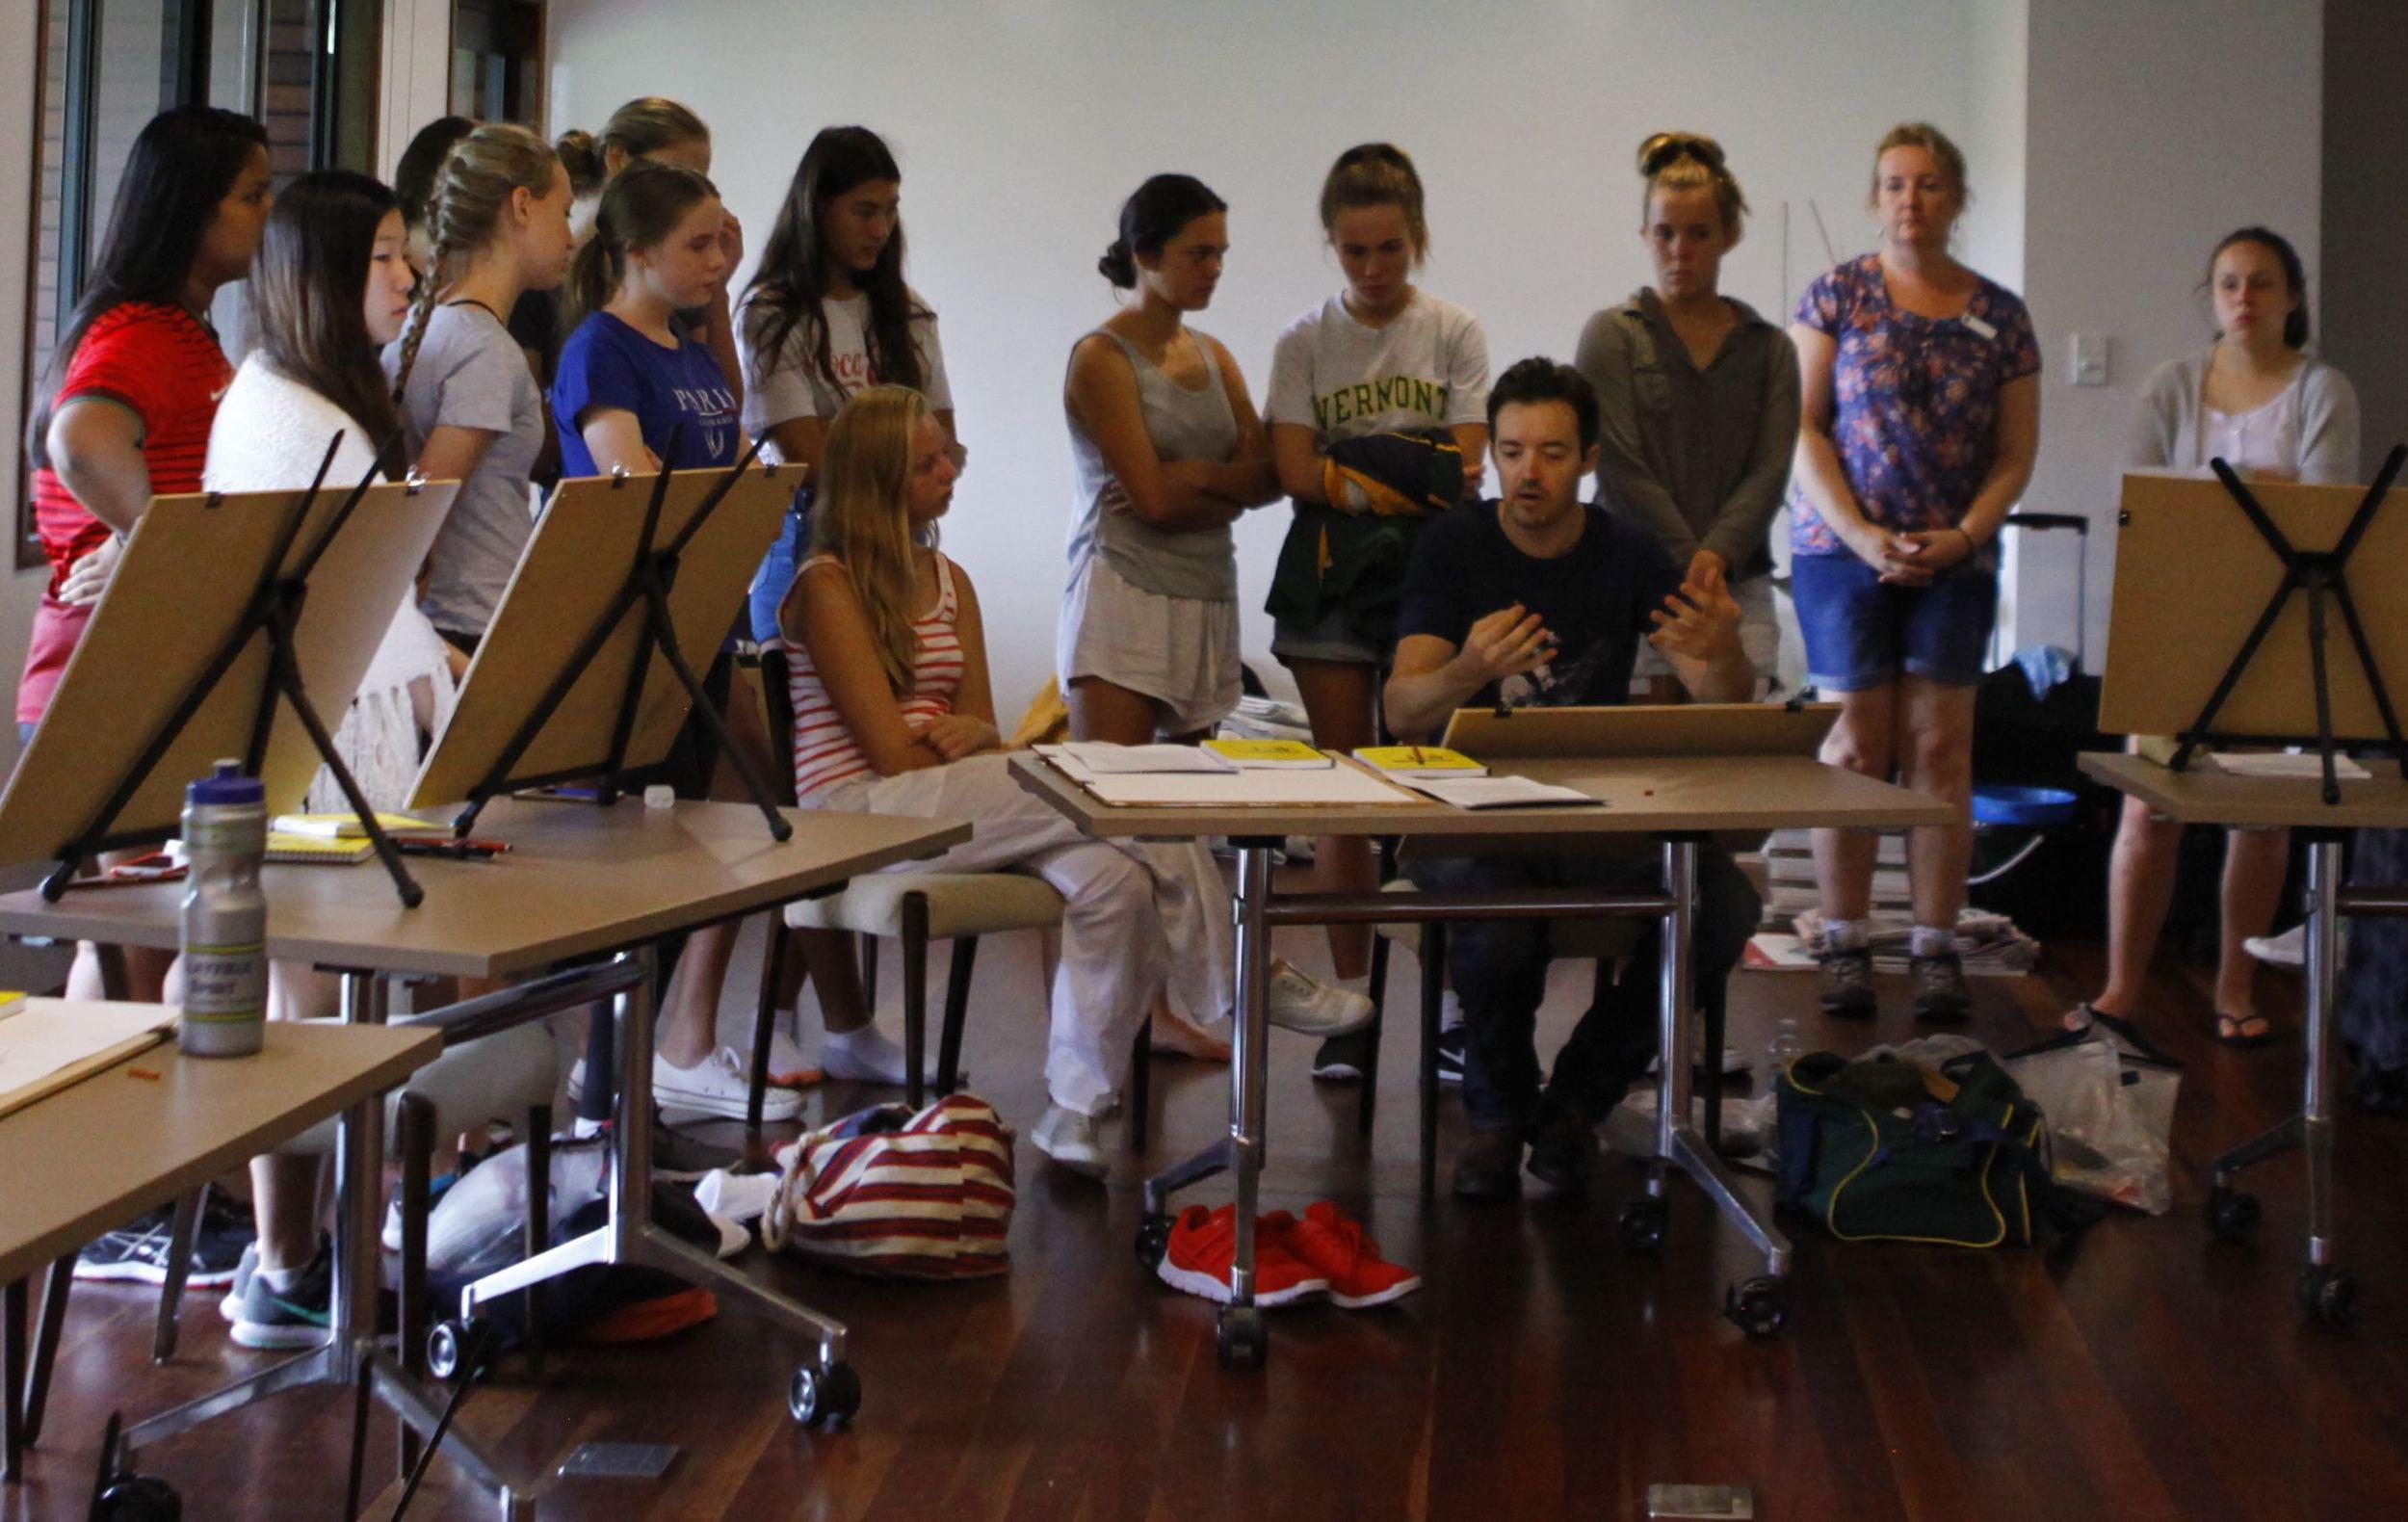 scott breton workshop clayfield college 11.jpg